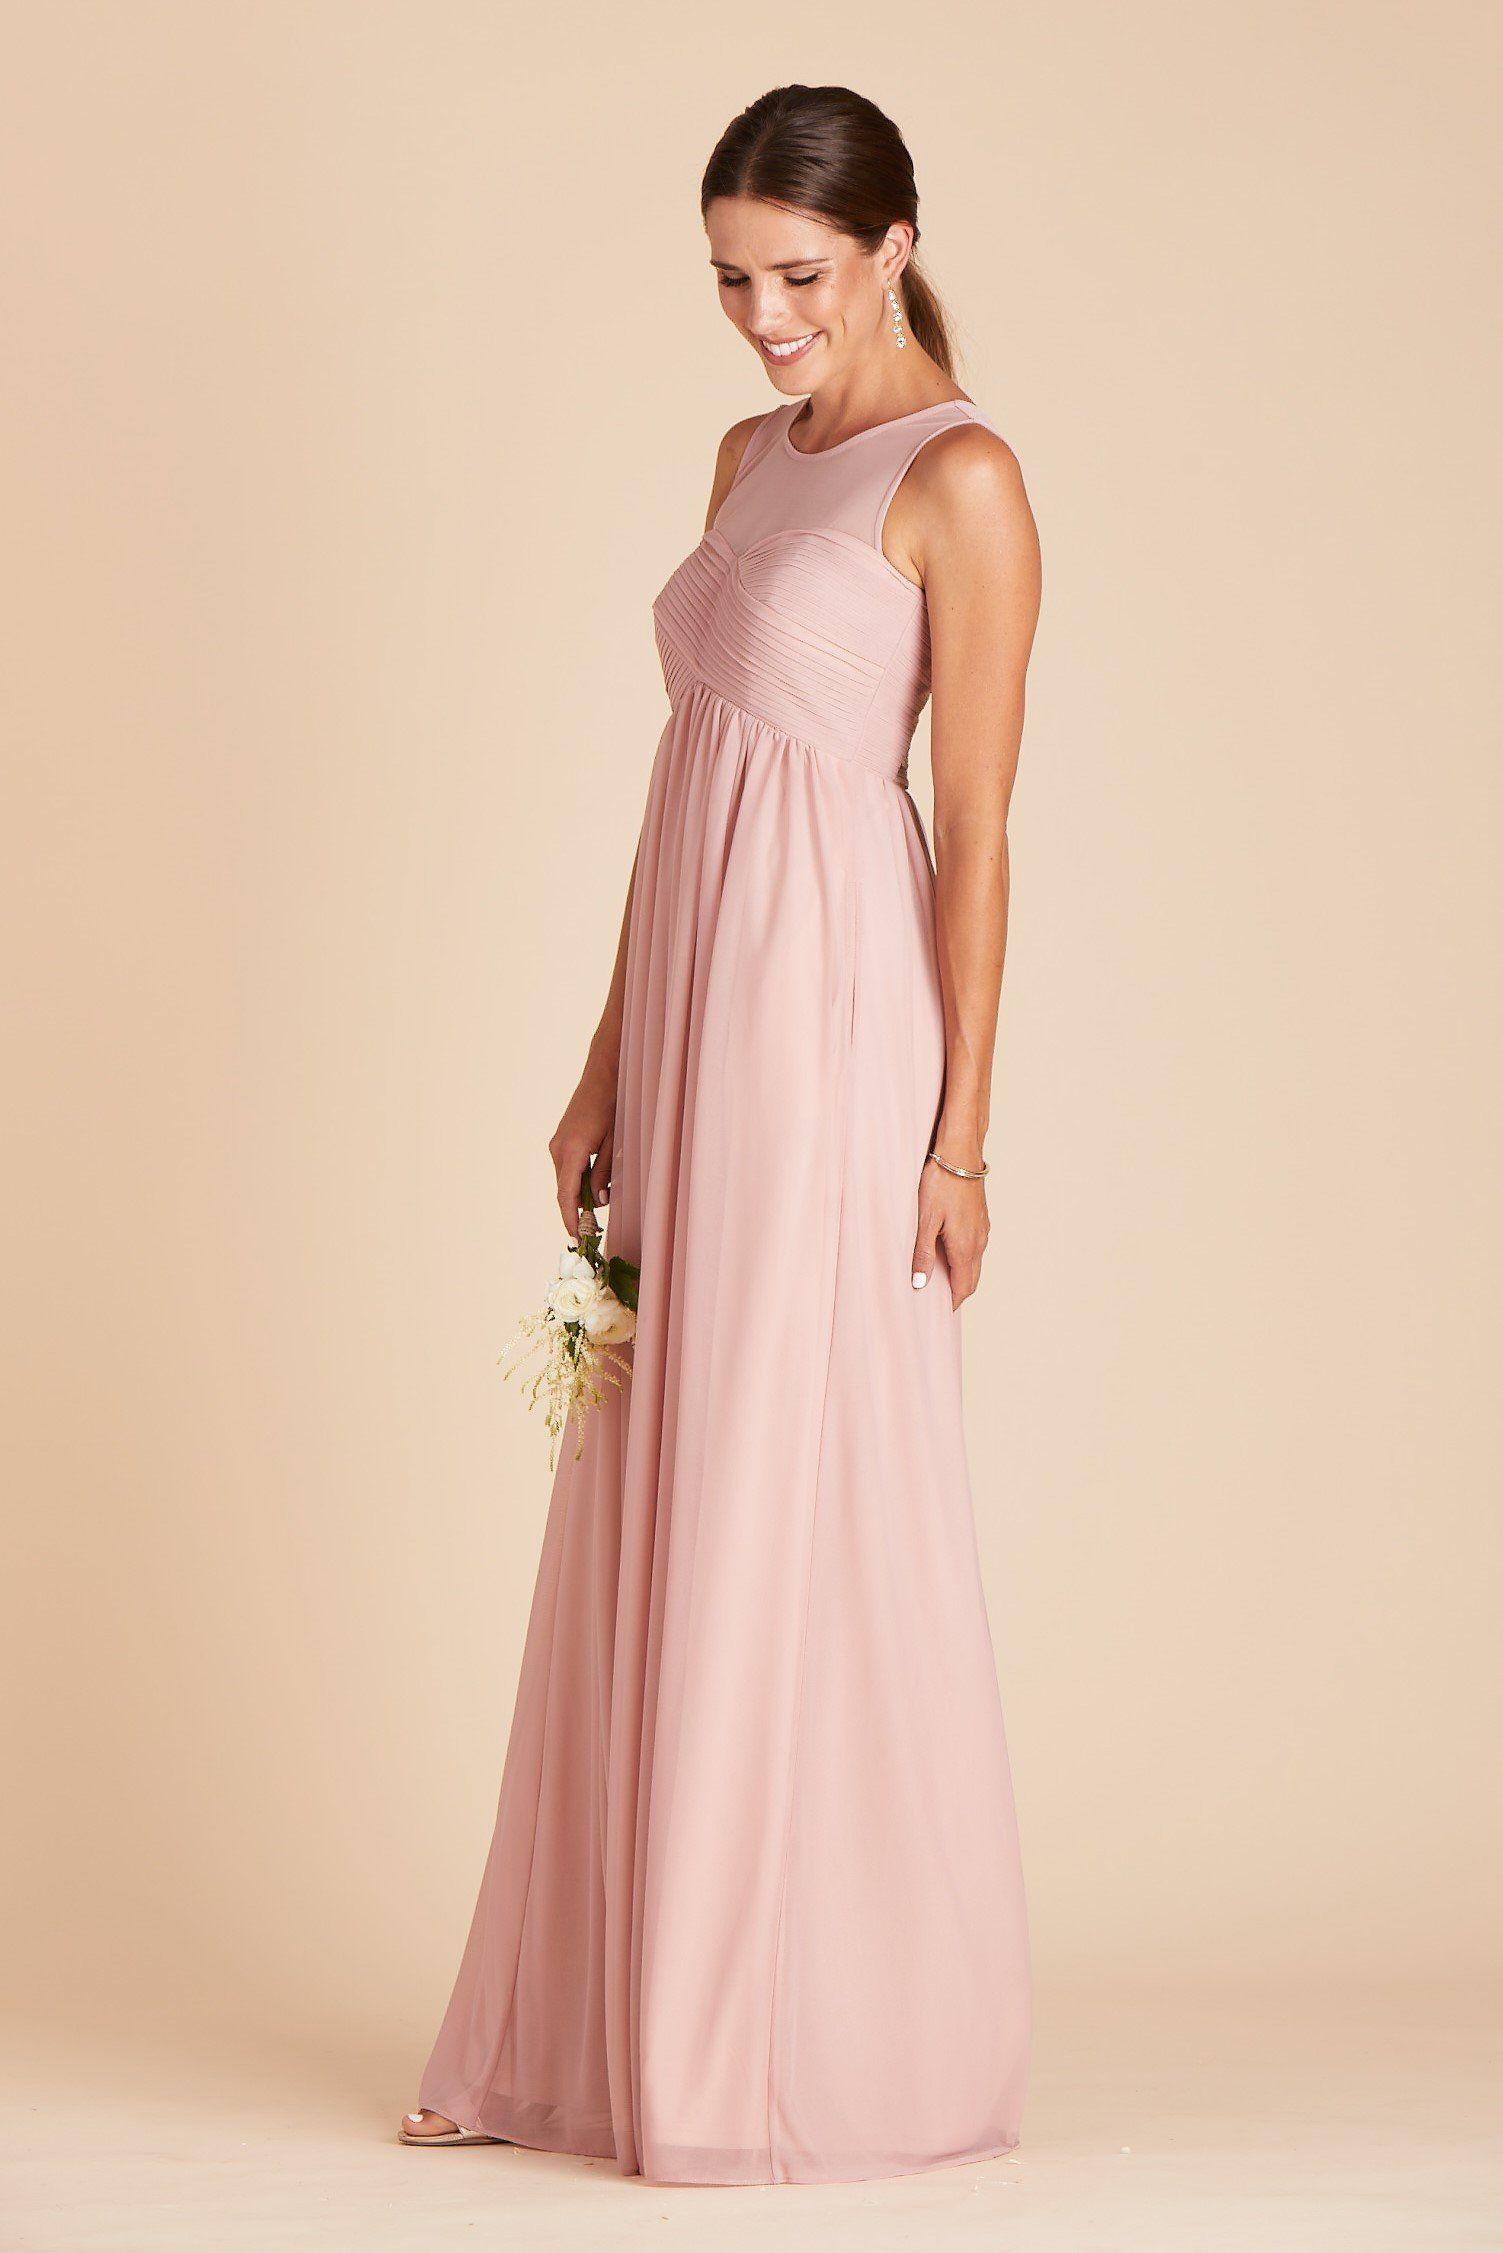 Ryan Dress Rose Quartz in 2020 Bridesmaid dresses